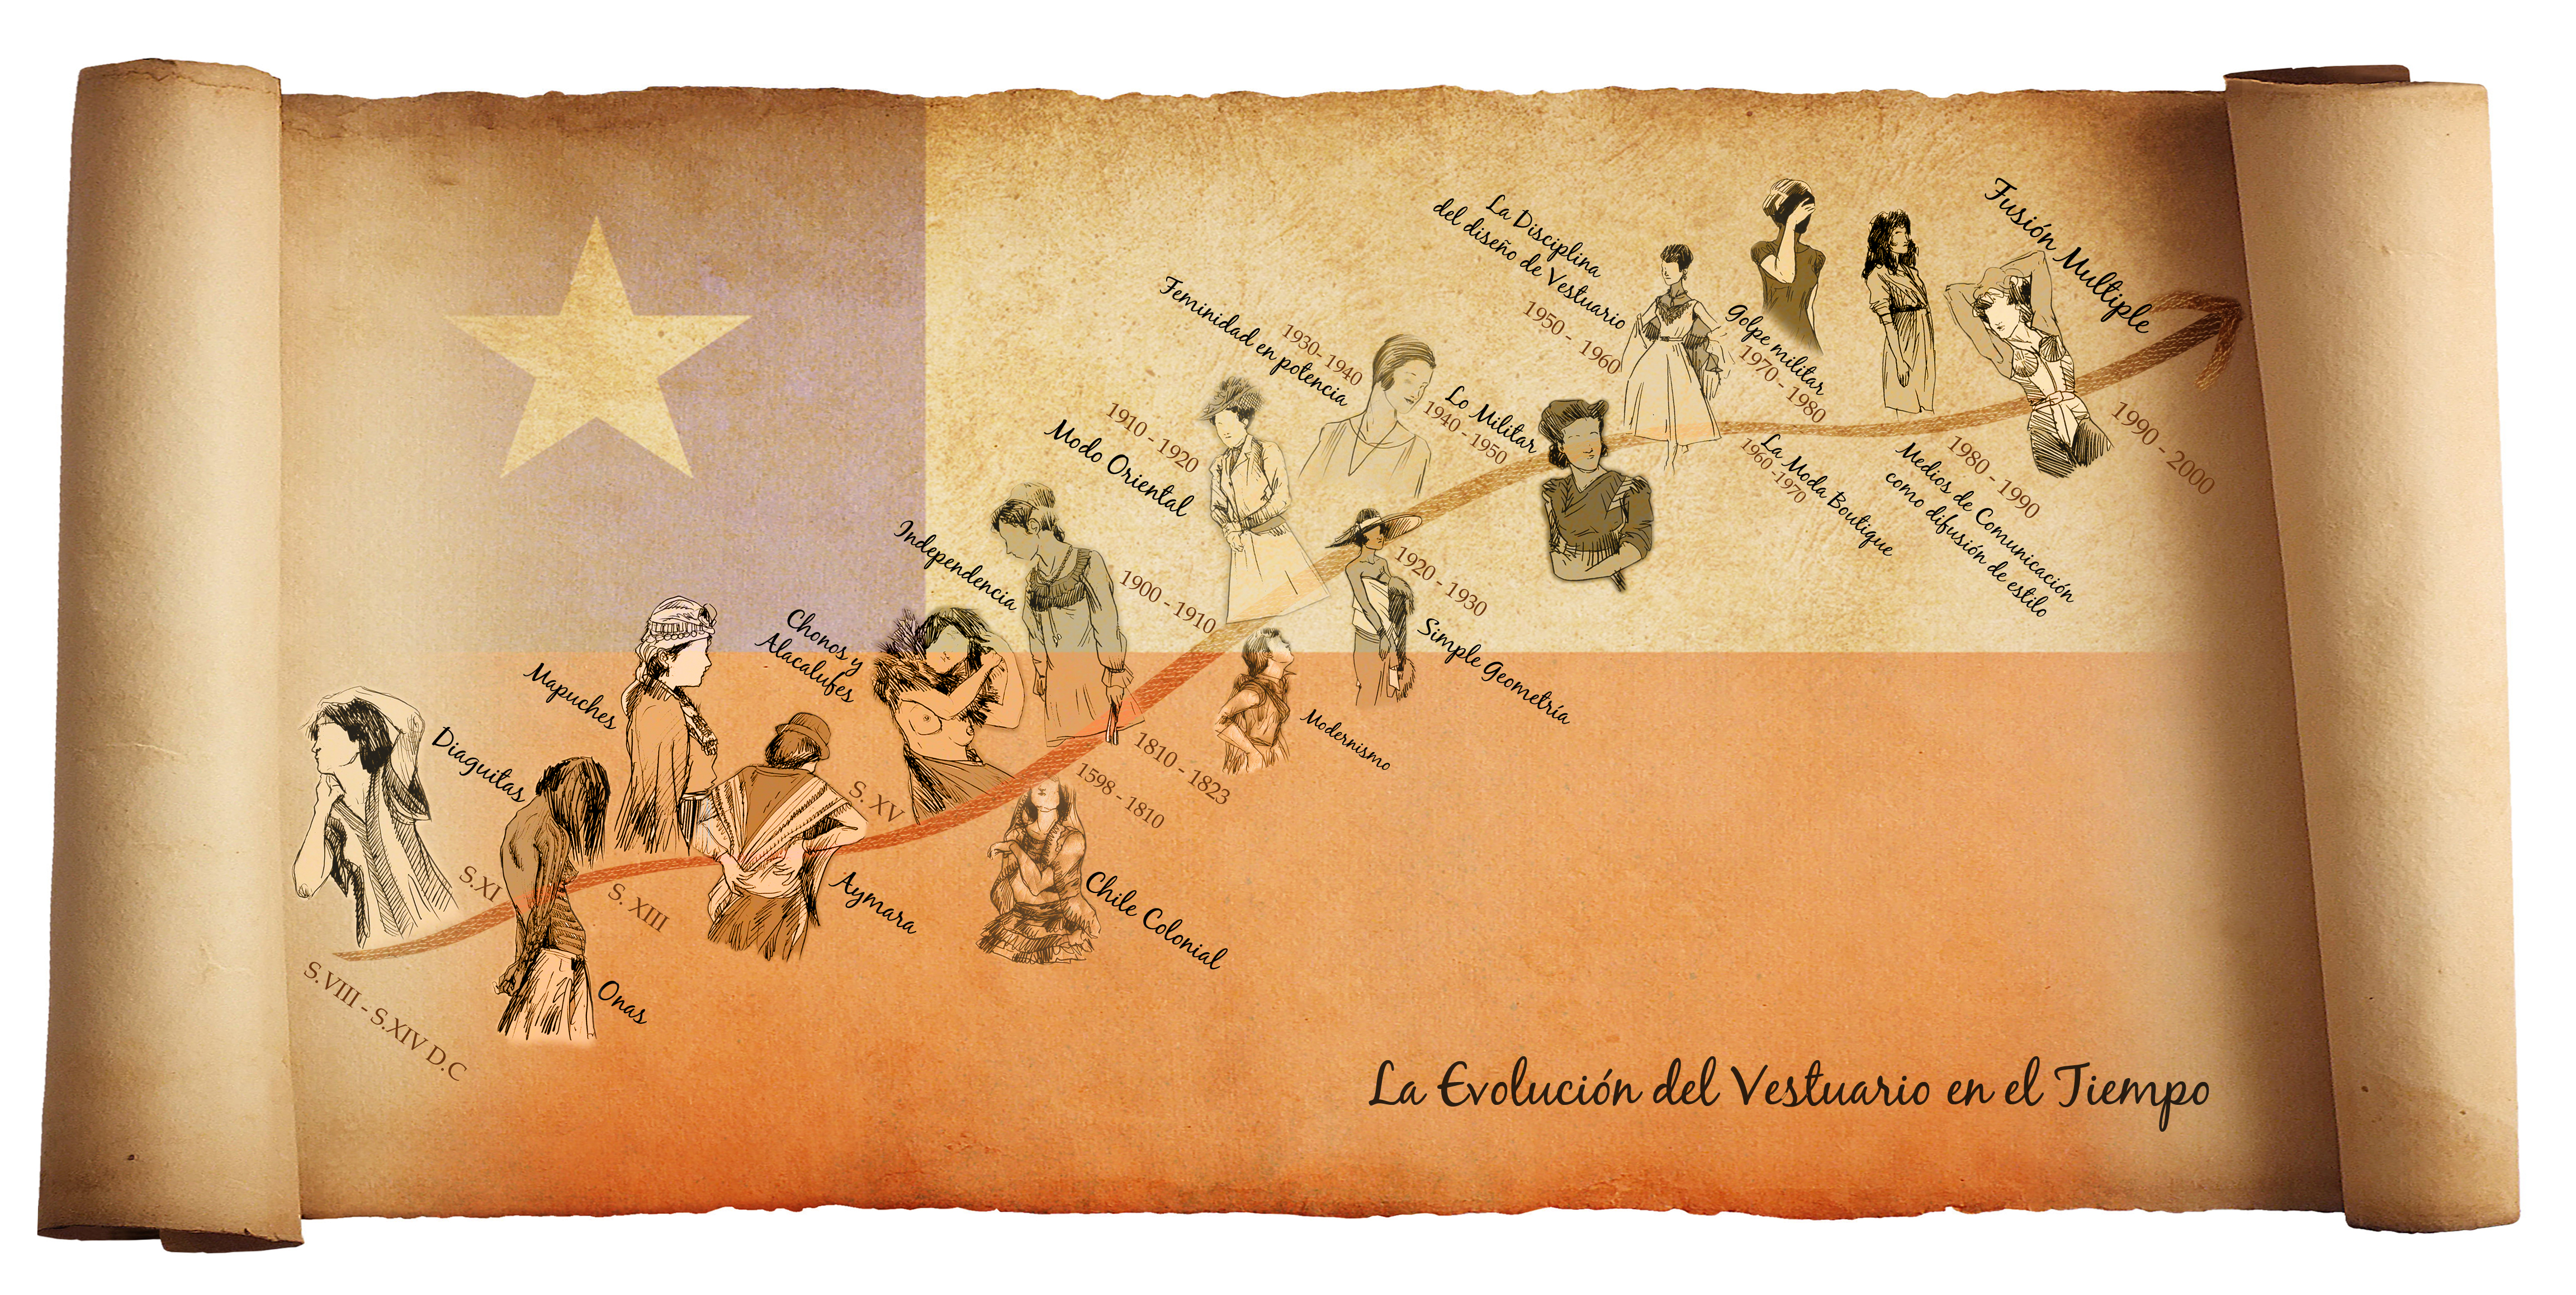 Historia del Vestuario Chileno: 1° Parte